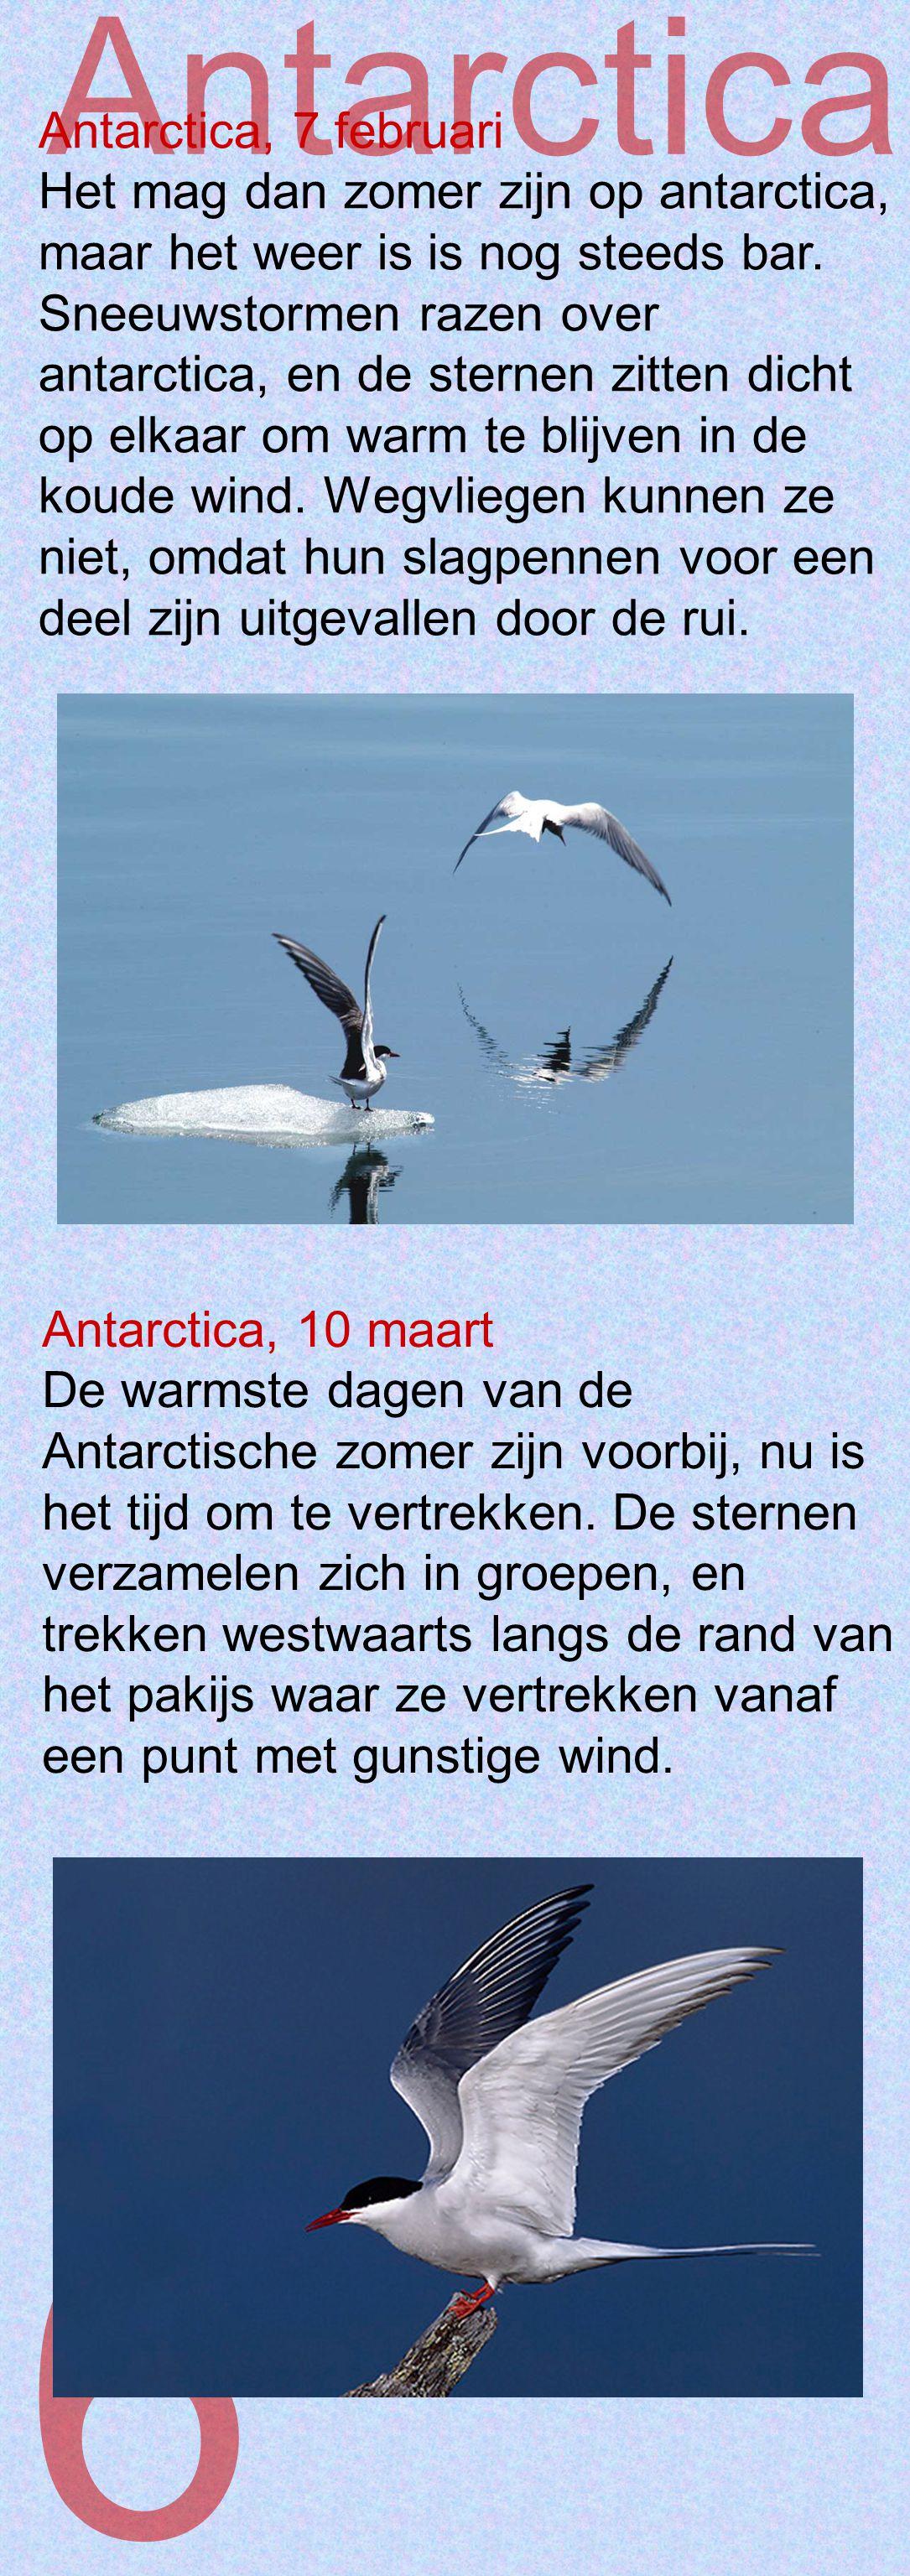 6 Antarctica Antarctica, 7 februari Het mag dan zomer zijn op antarctica, maar het weer is is nog steeds bar. Sneeuwstormen razen over antarctica, en